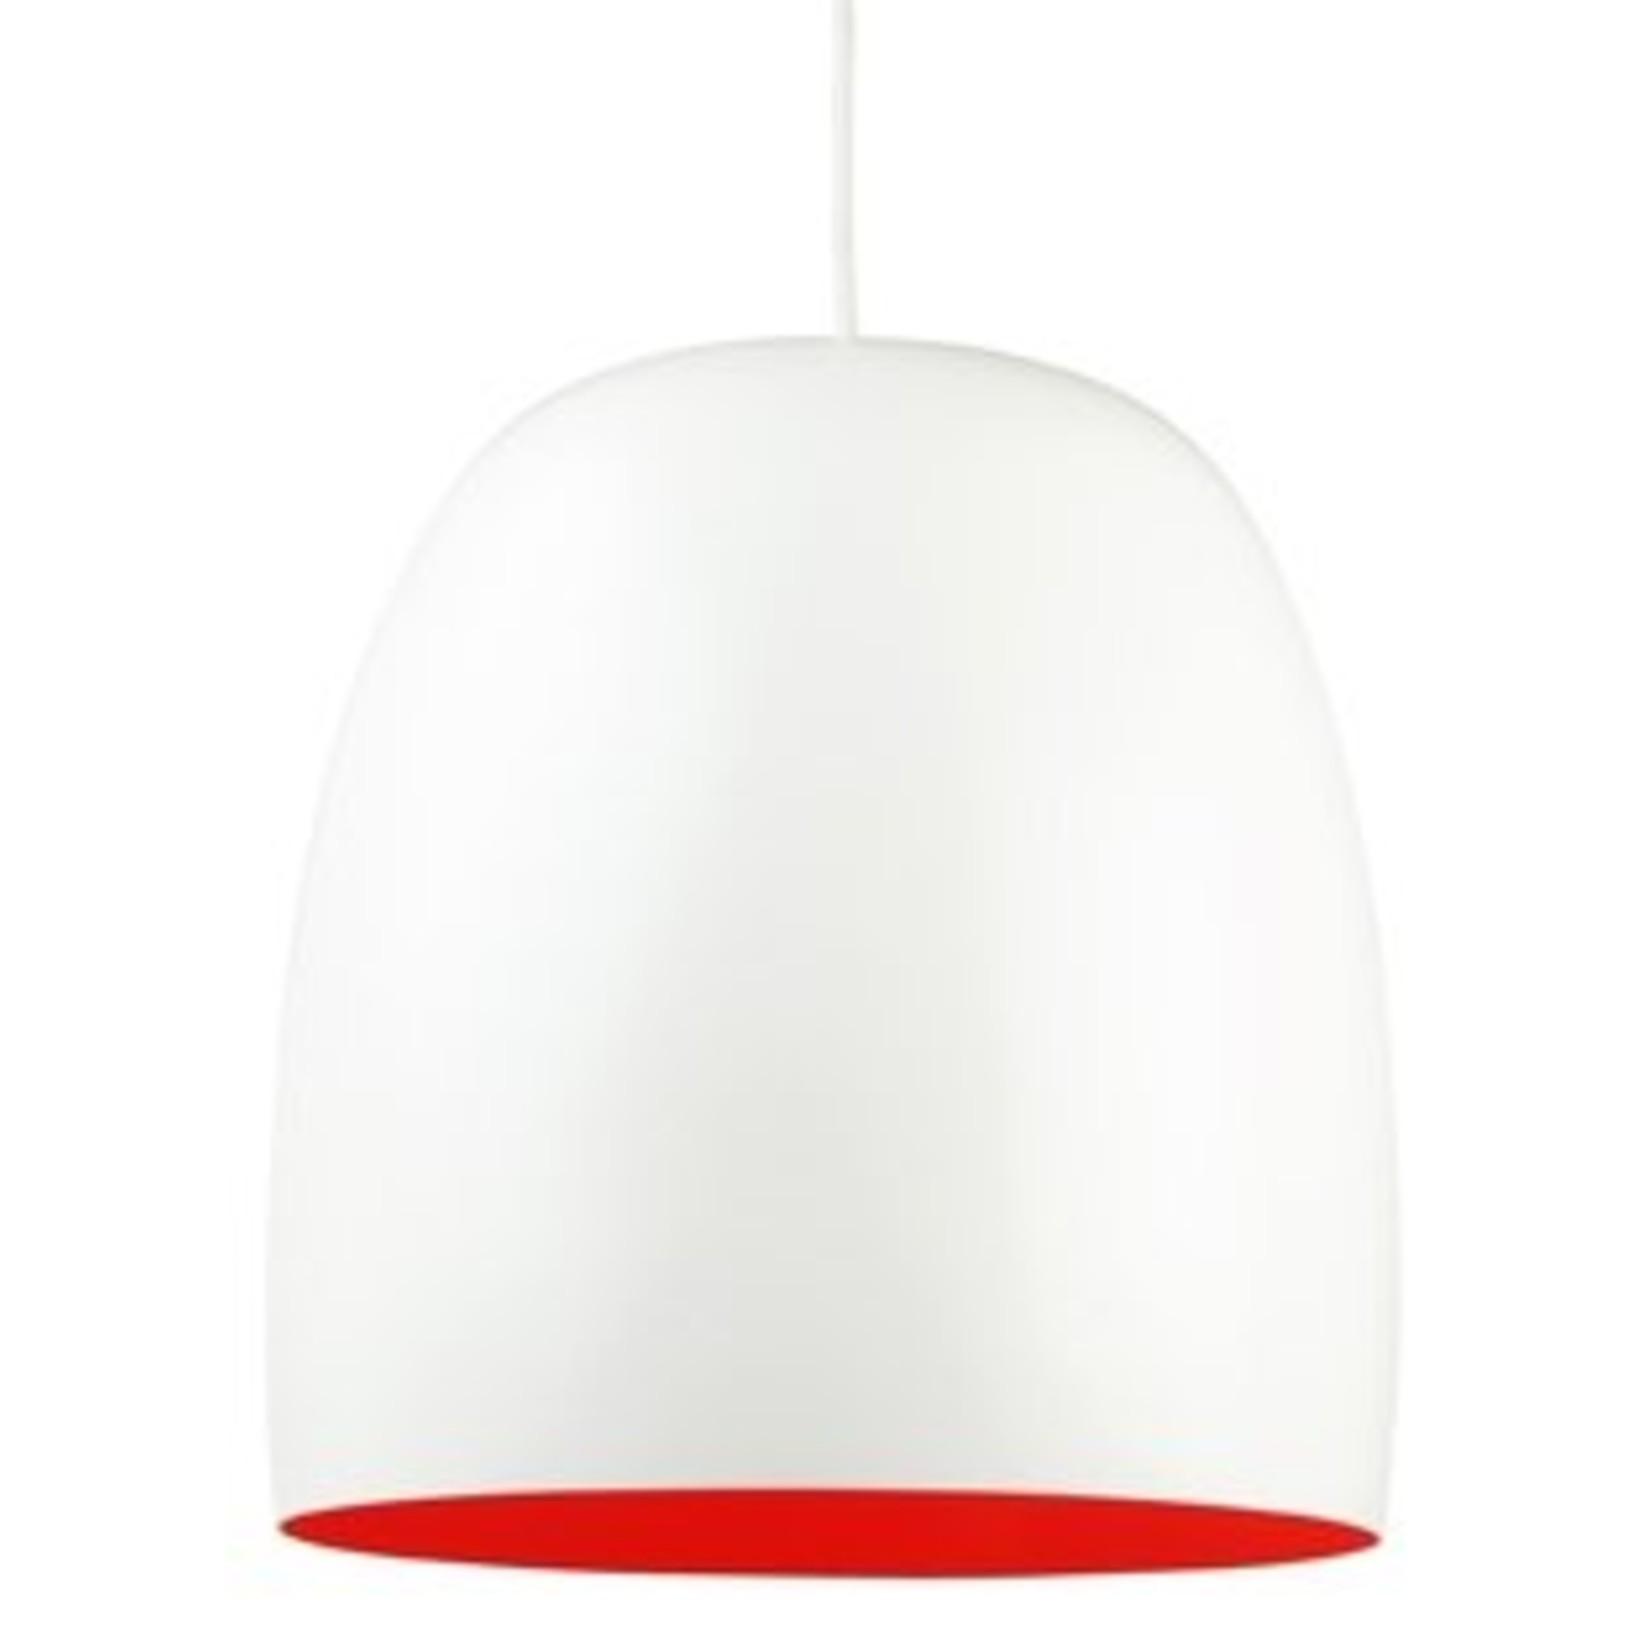 Leitmotiv stijlvolle ei-vormige lamp in wit uitgevoerd met een oranje binnenkant